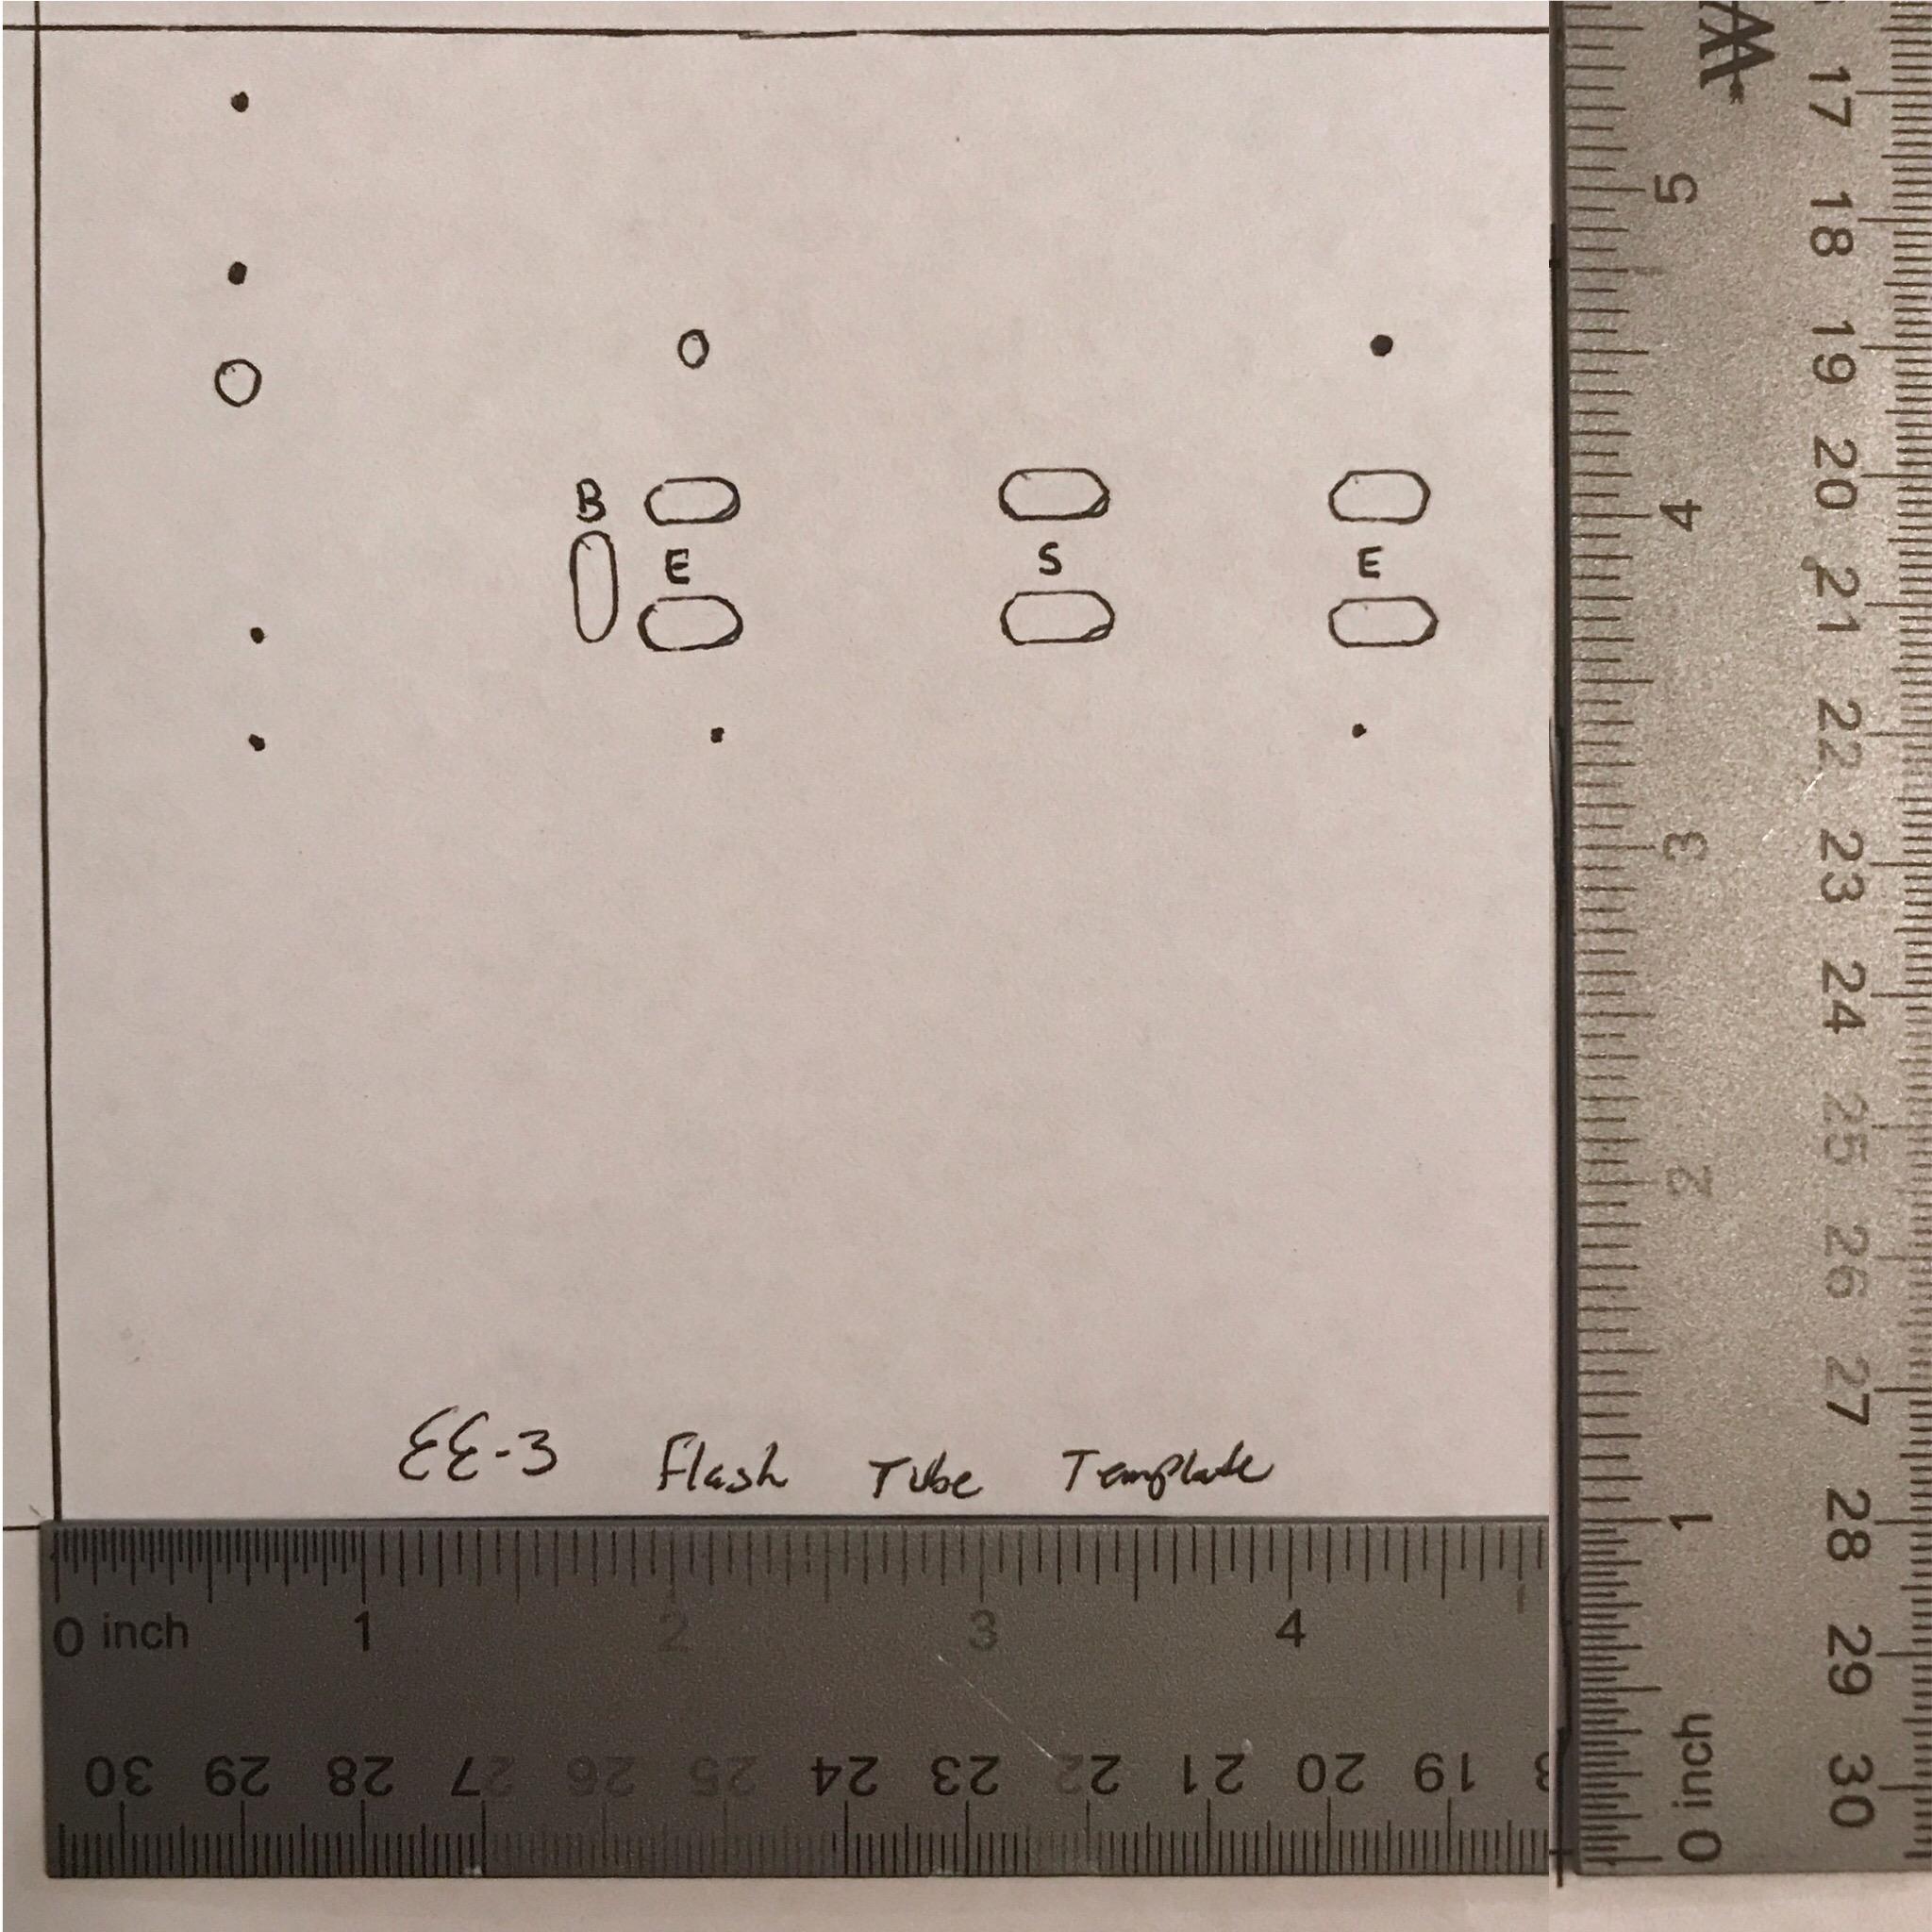 D40E06C1-AD02-4D5A-98B1-0FFD34C7893D.jpg